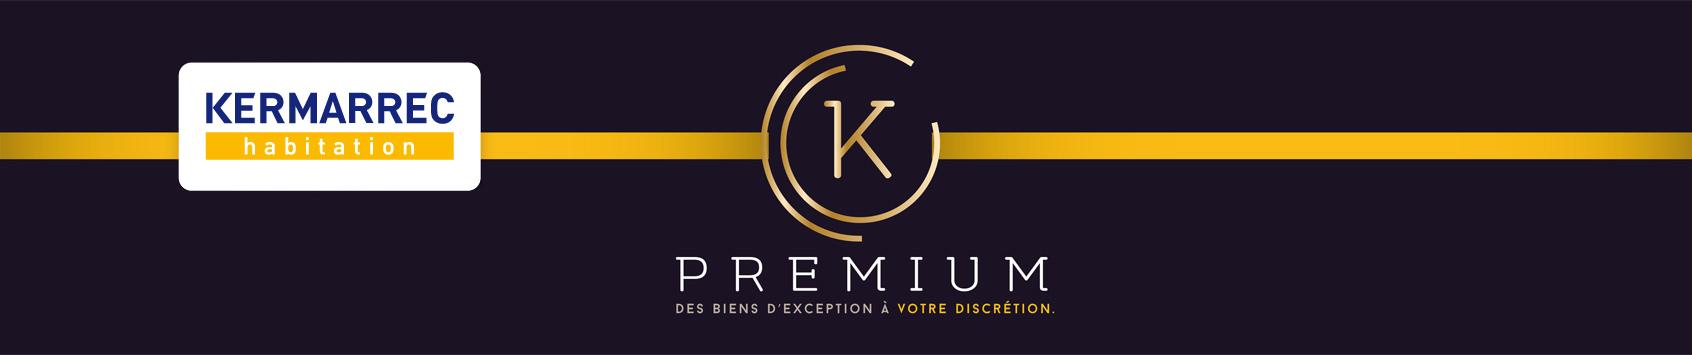 Kermarrec Premium